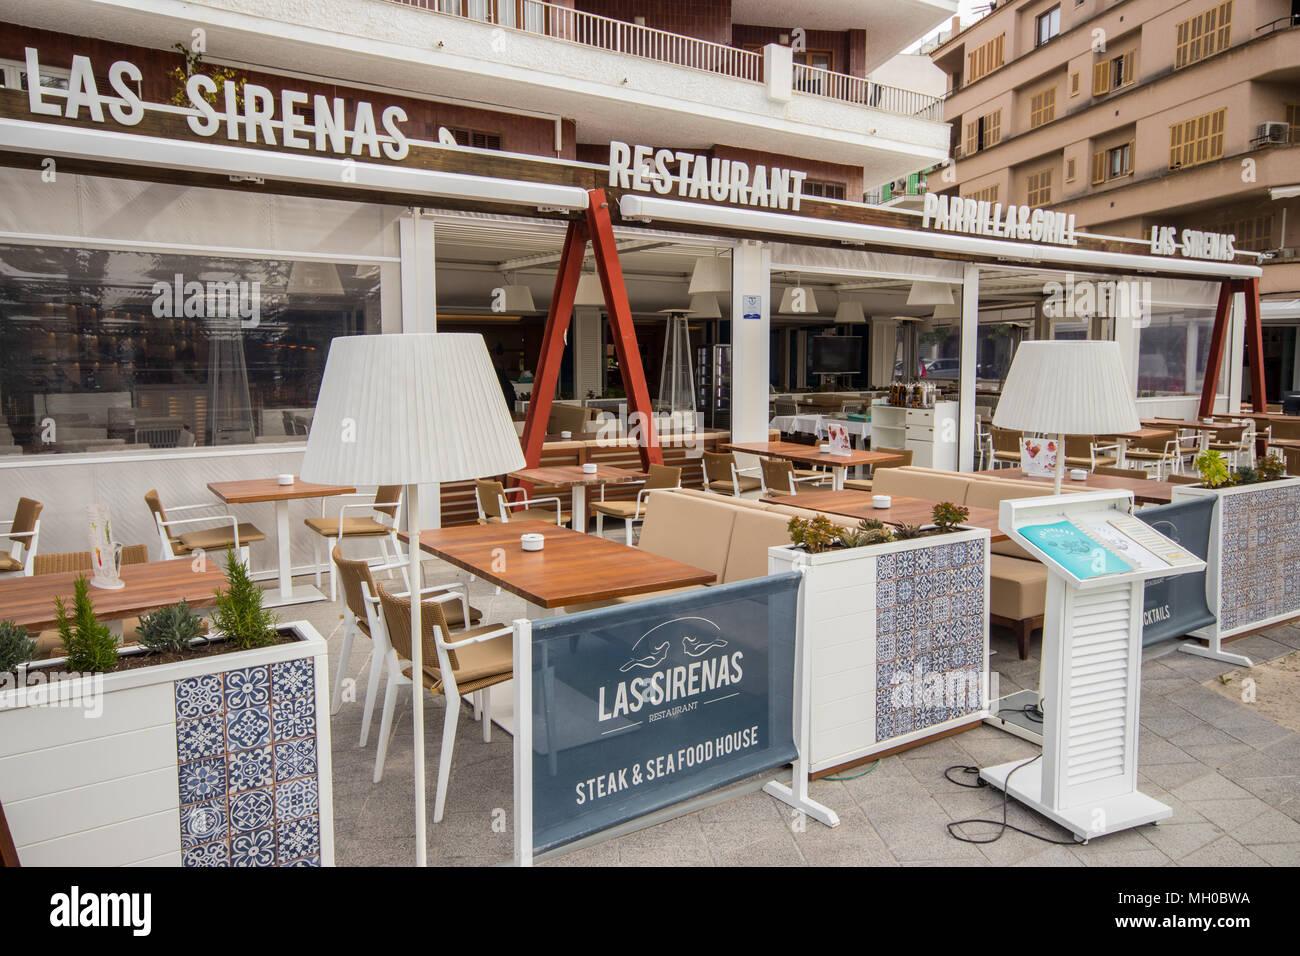 Nett European Küchen Vero Beach Bilder - Ideen Für Die Küche ...